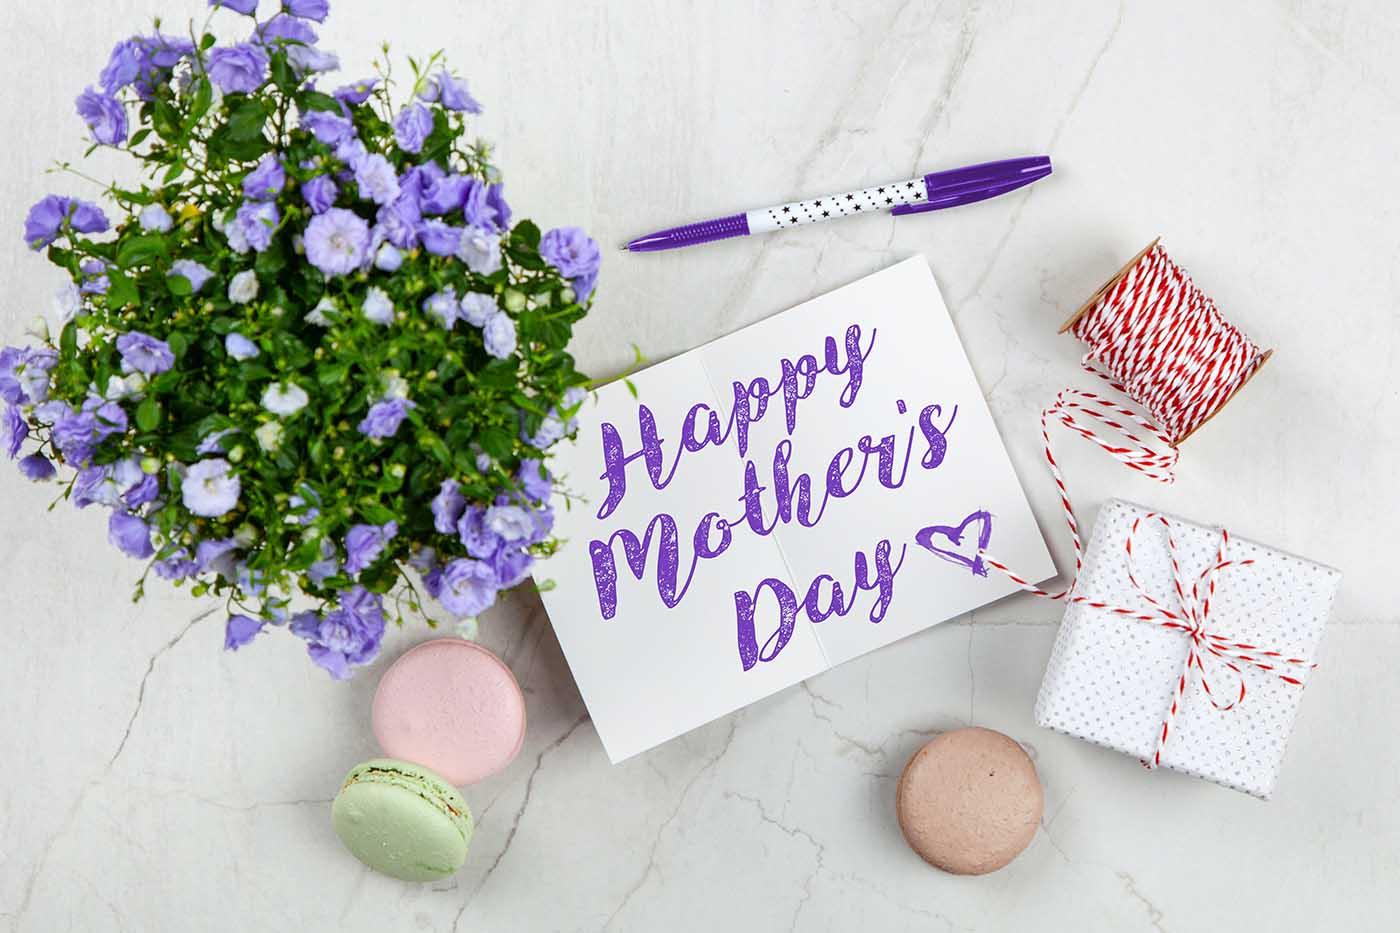 Γιορτή της Μητέρας! Χρόνια Πολλά Μαμά αλά Αγγλικά! – Thisisus.gr